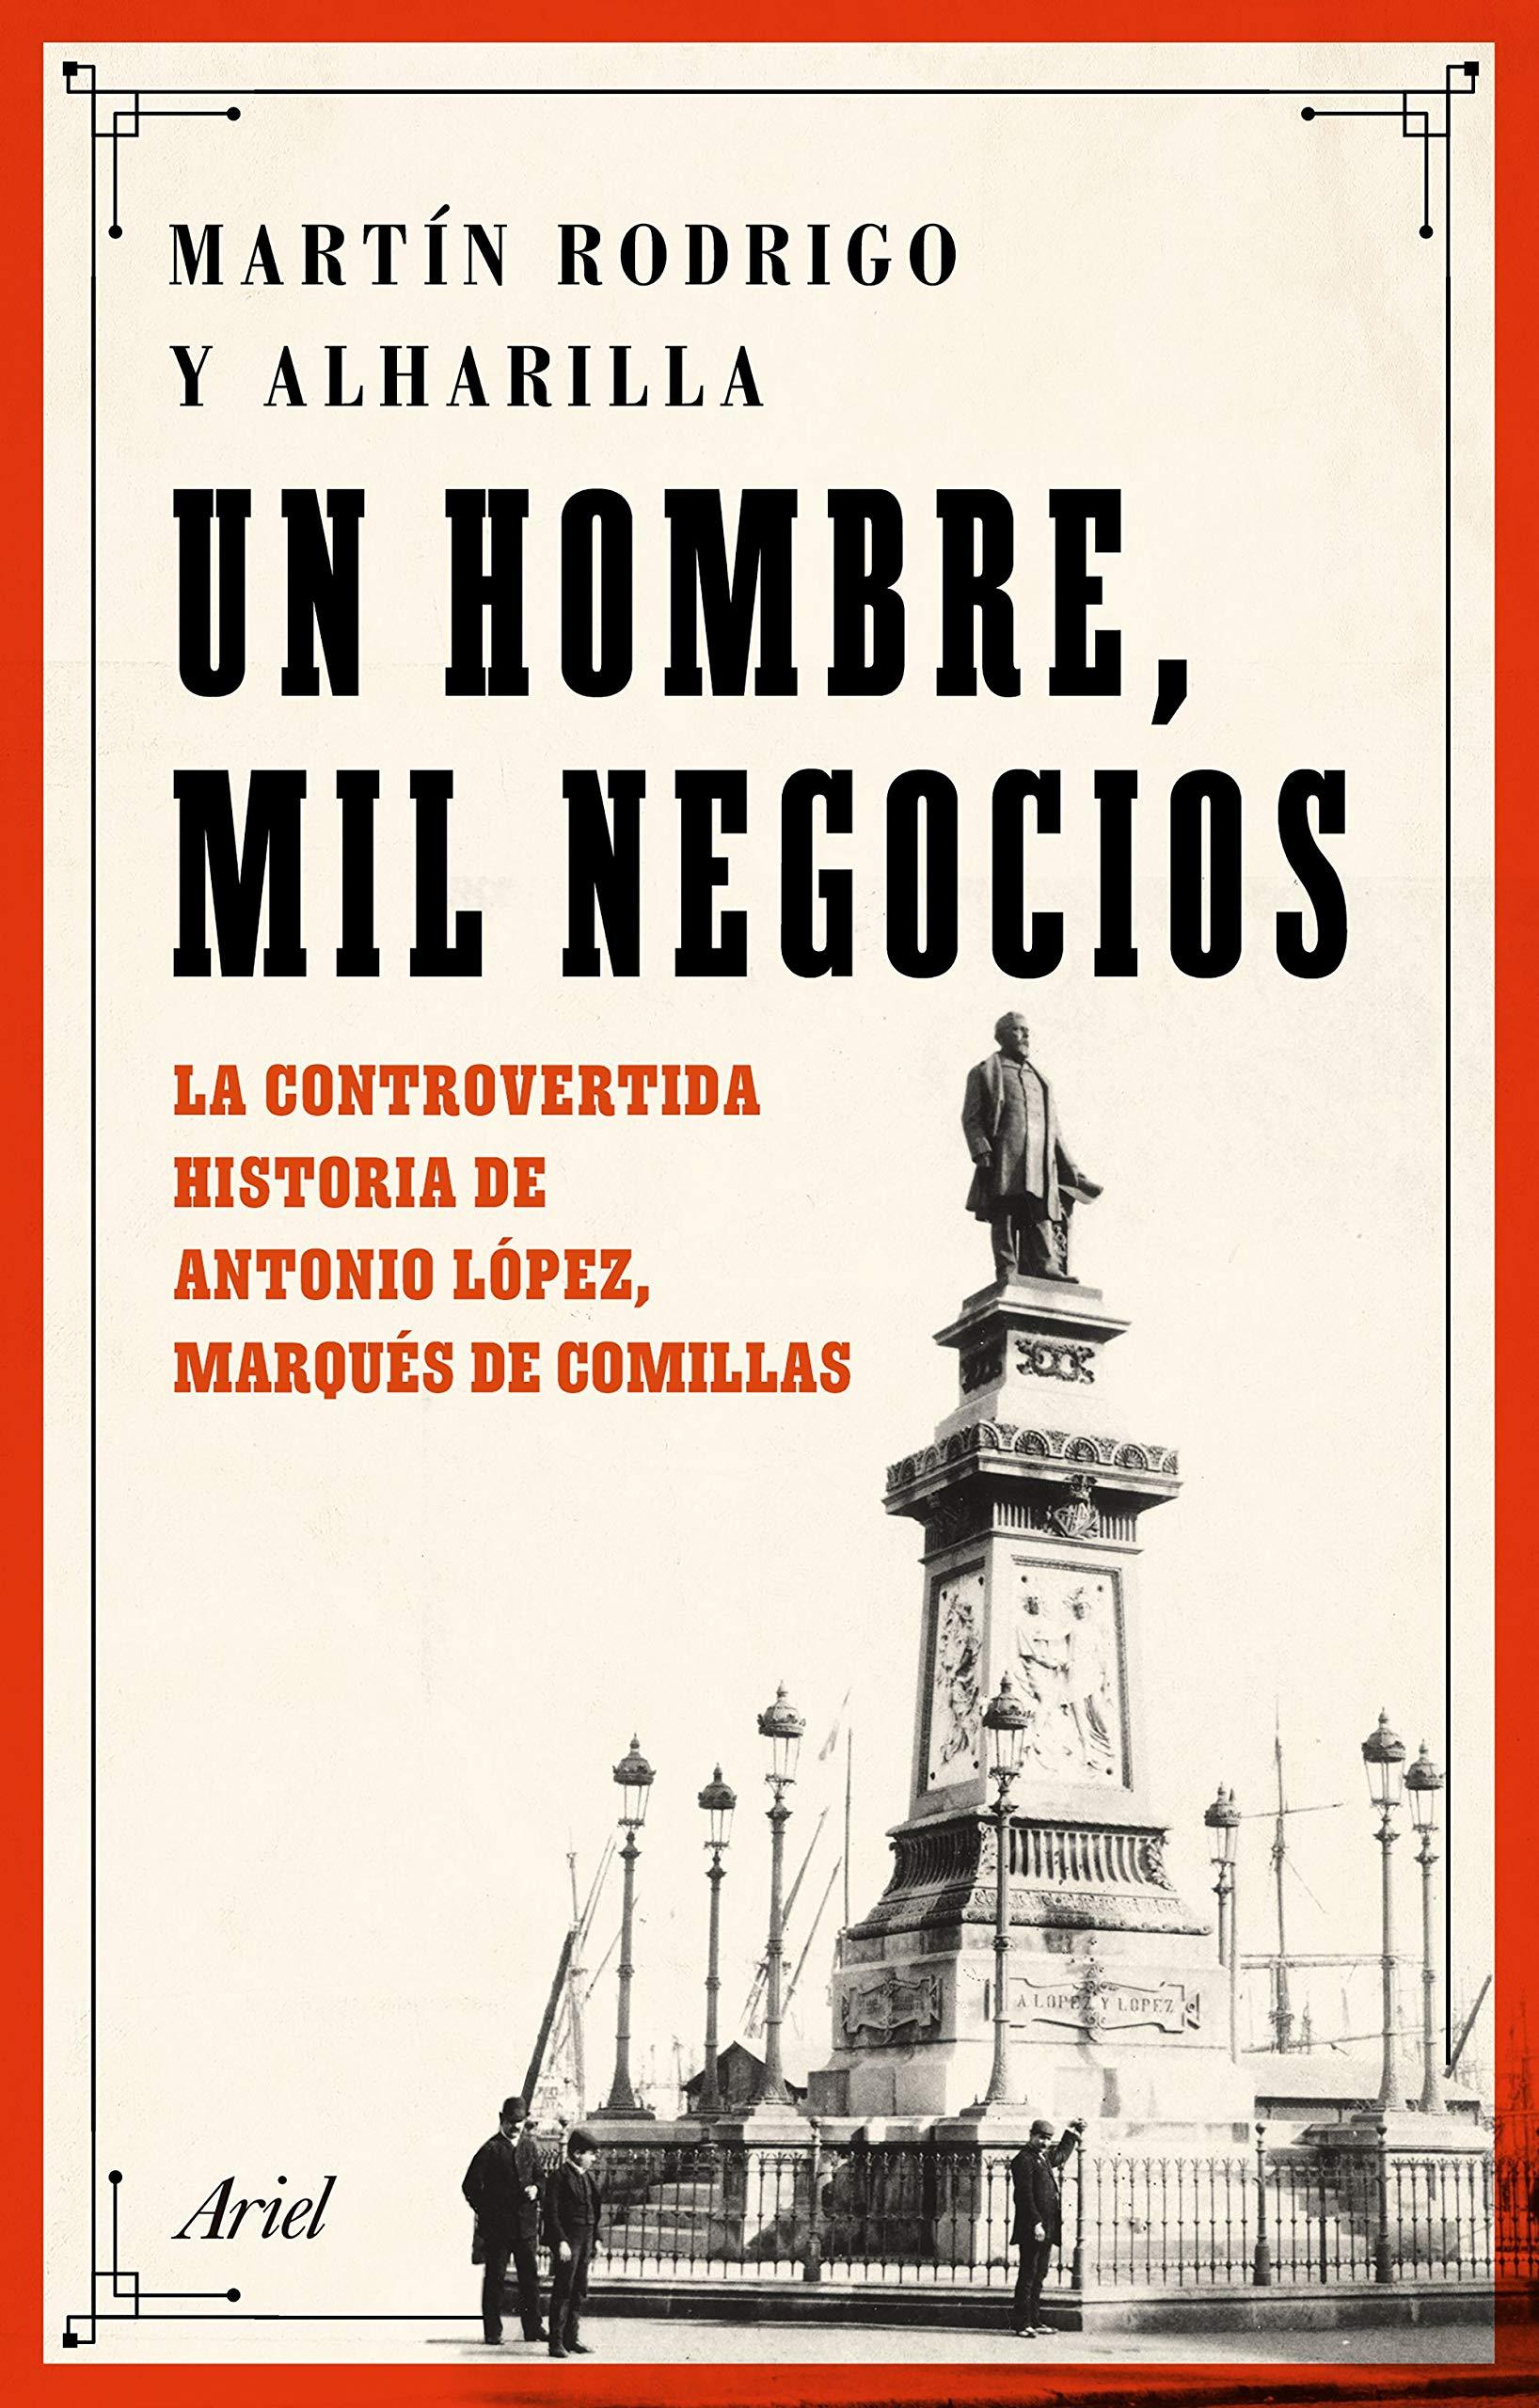 Un hombre, mil negocios: La controvertida historia de Antonio López, marqués de Comillas Ariel: Amazon.es: Rodrigo, Martín: Libros